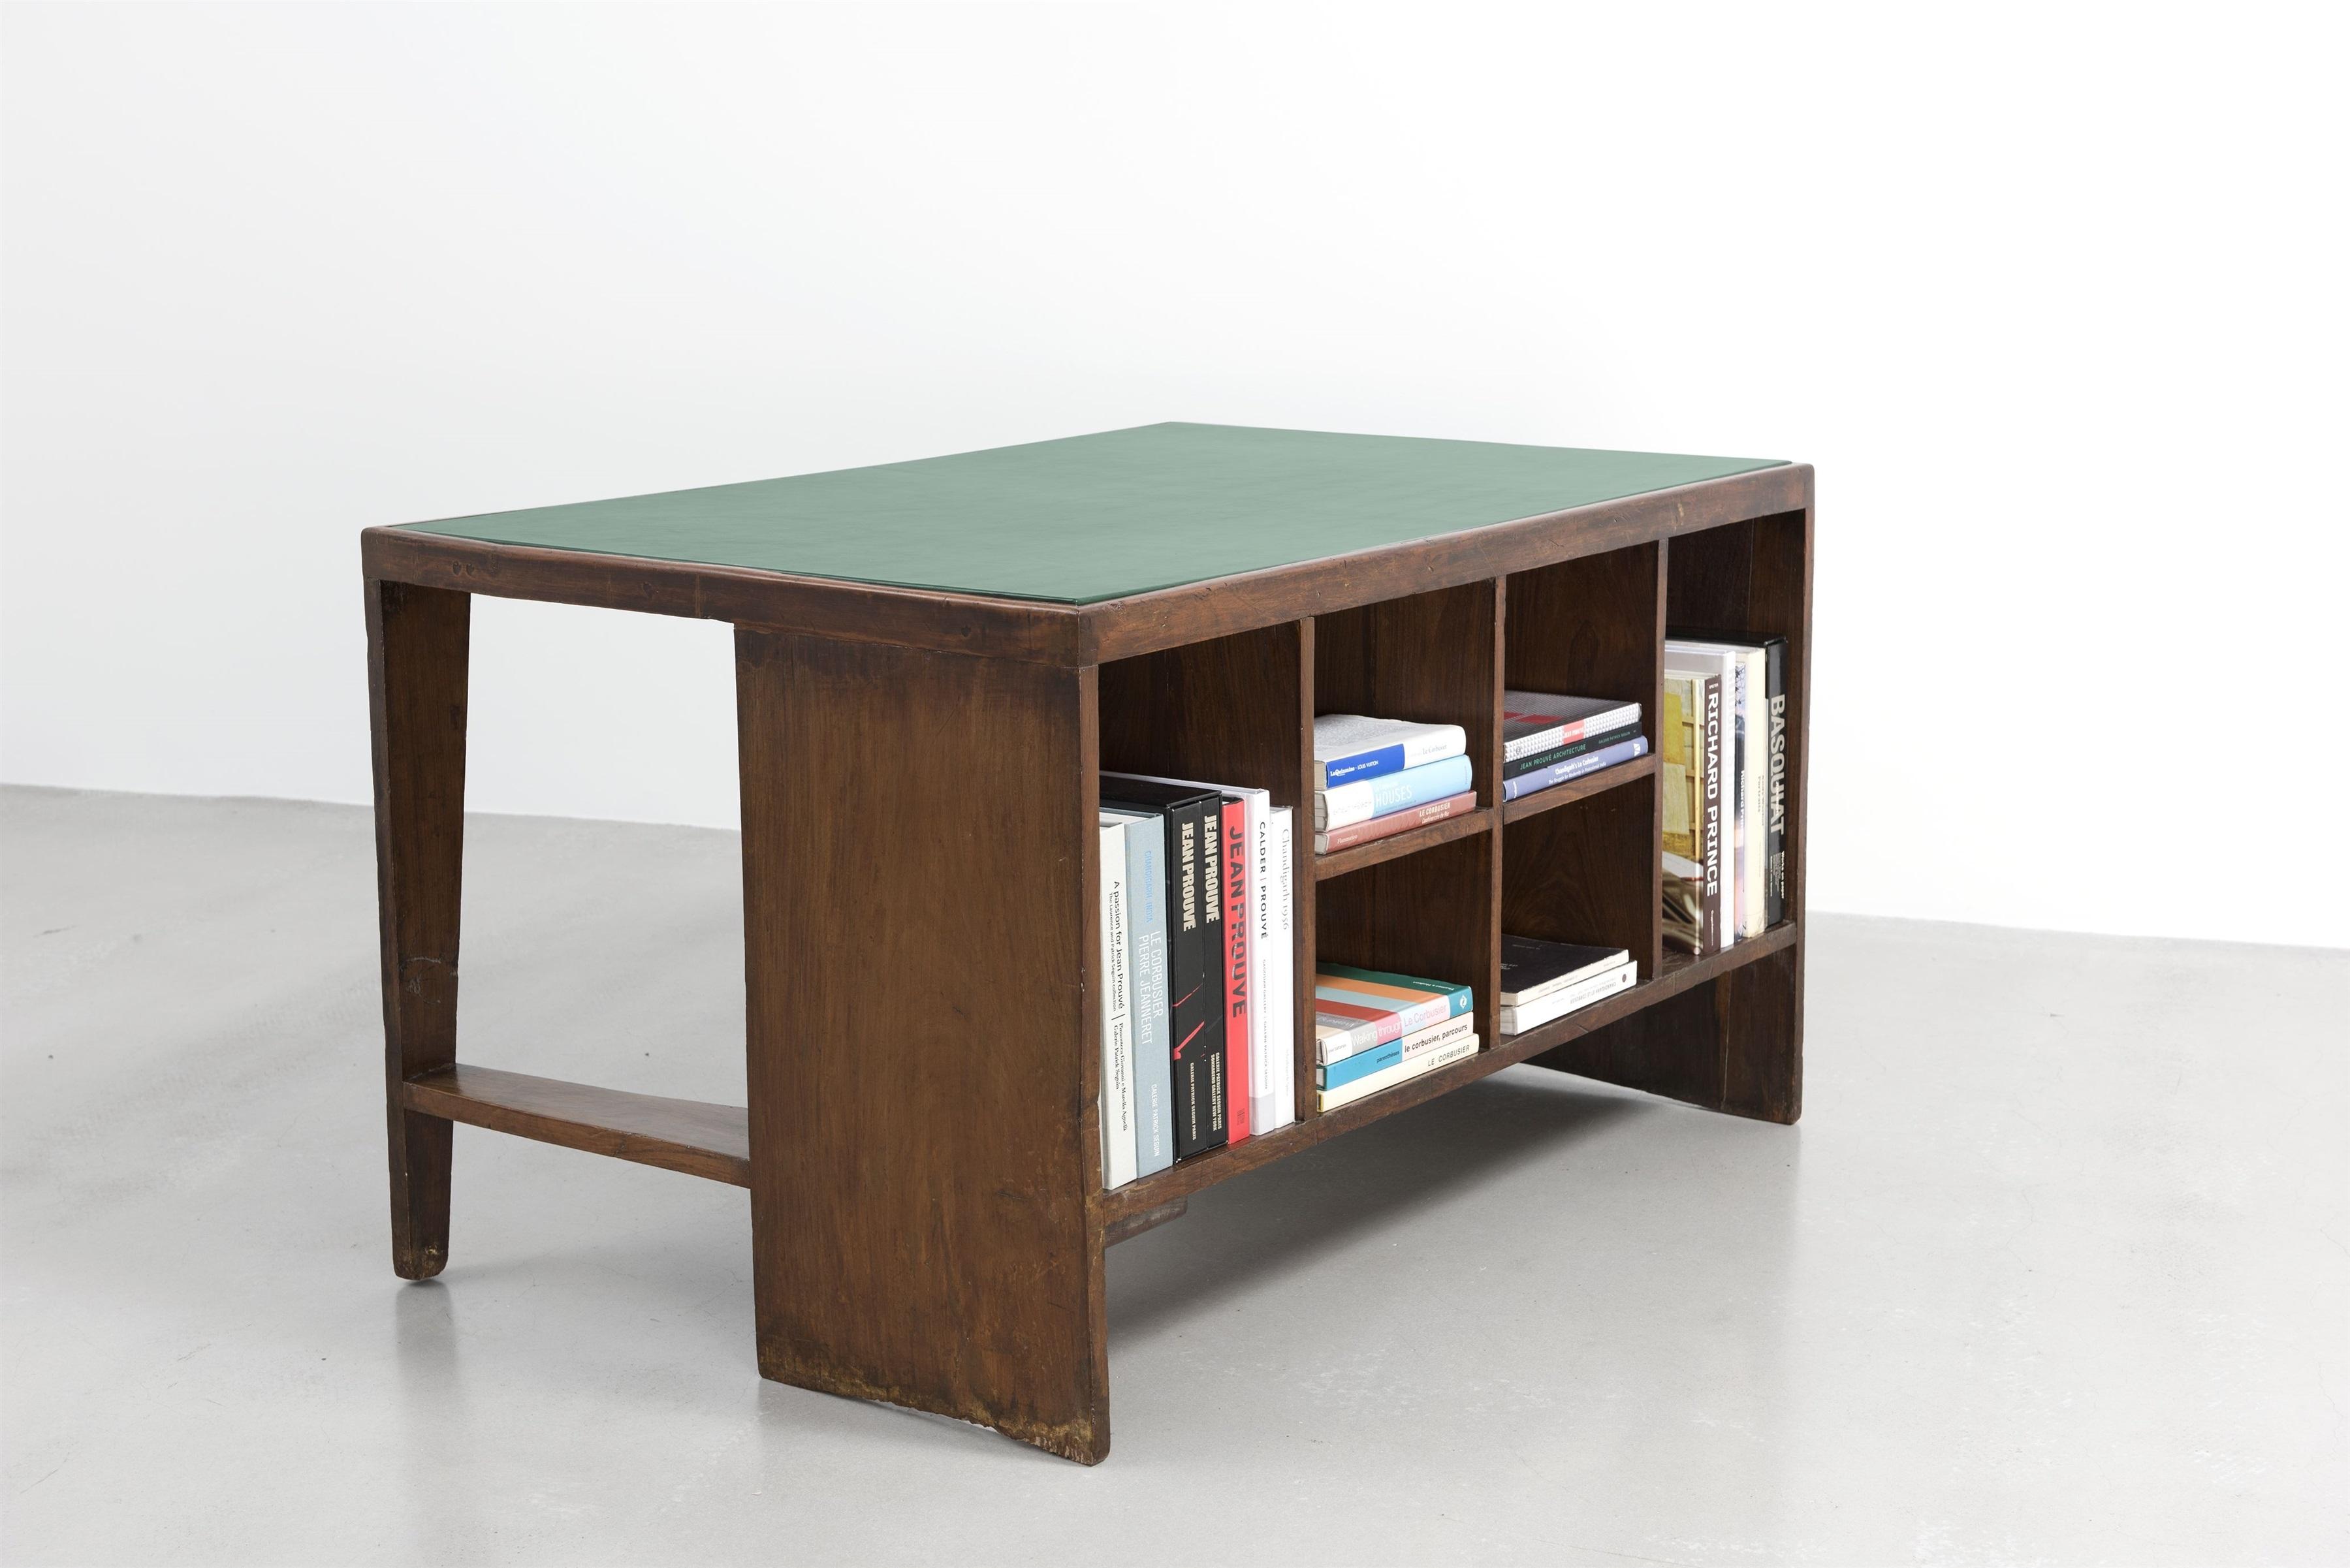 Bureau casier Pigeonhole desk by Pierre Jeanneret on artnet